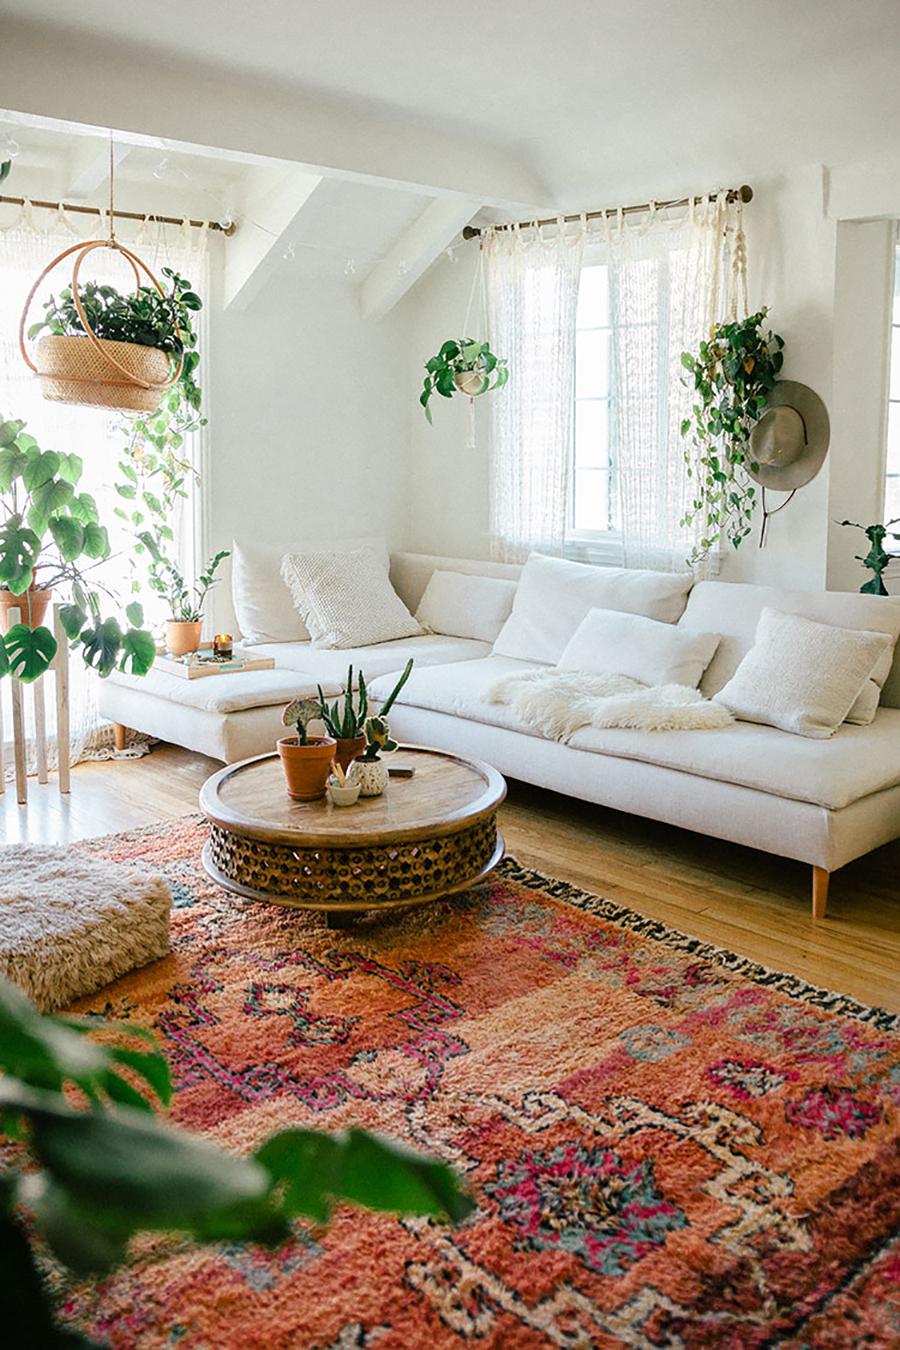 El sofá en el rincón funciona muy bien para cualquier decoración.